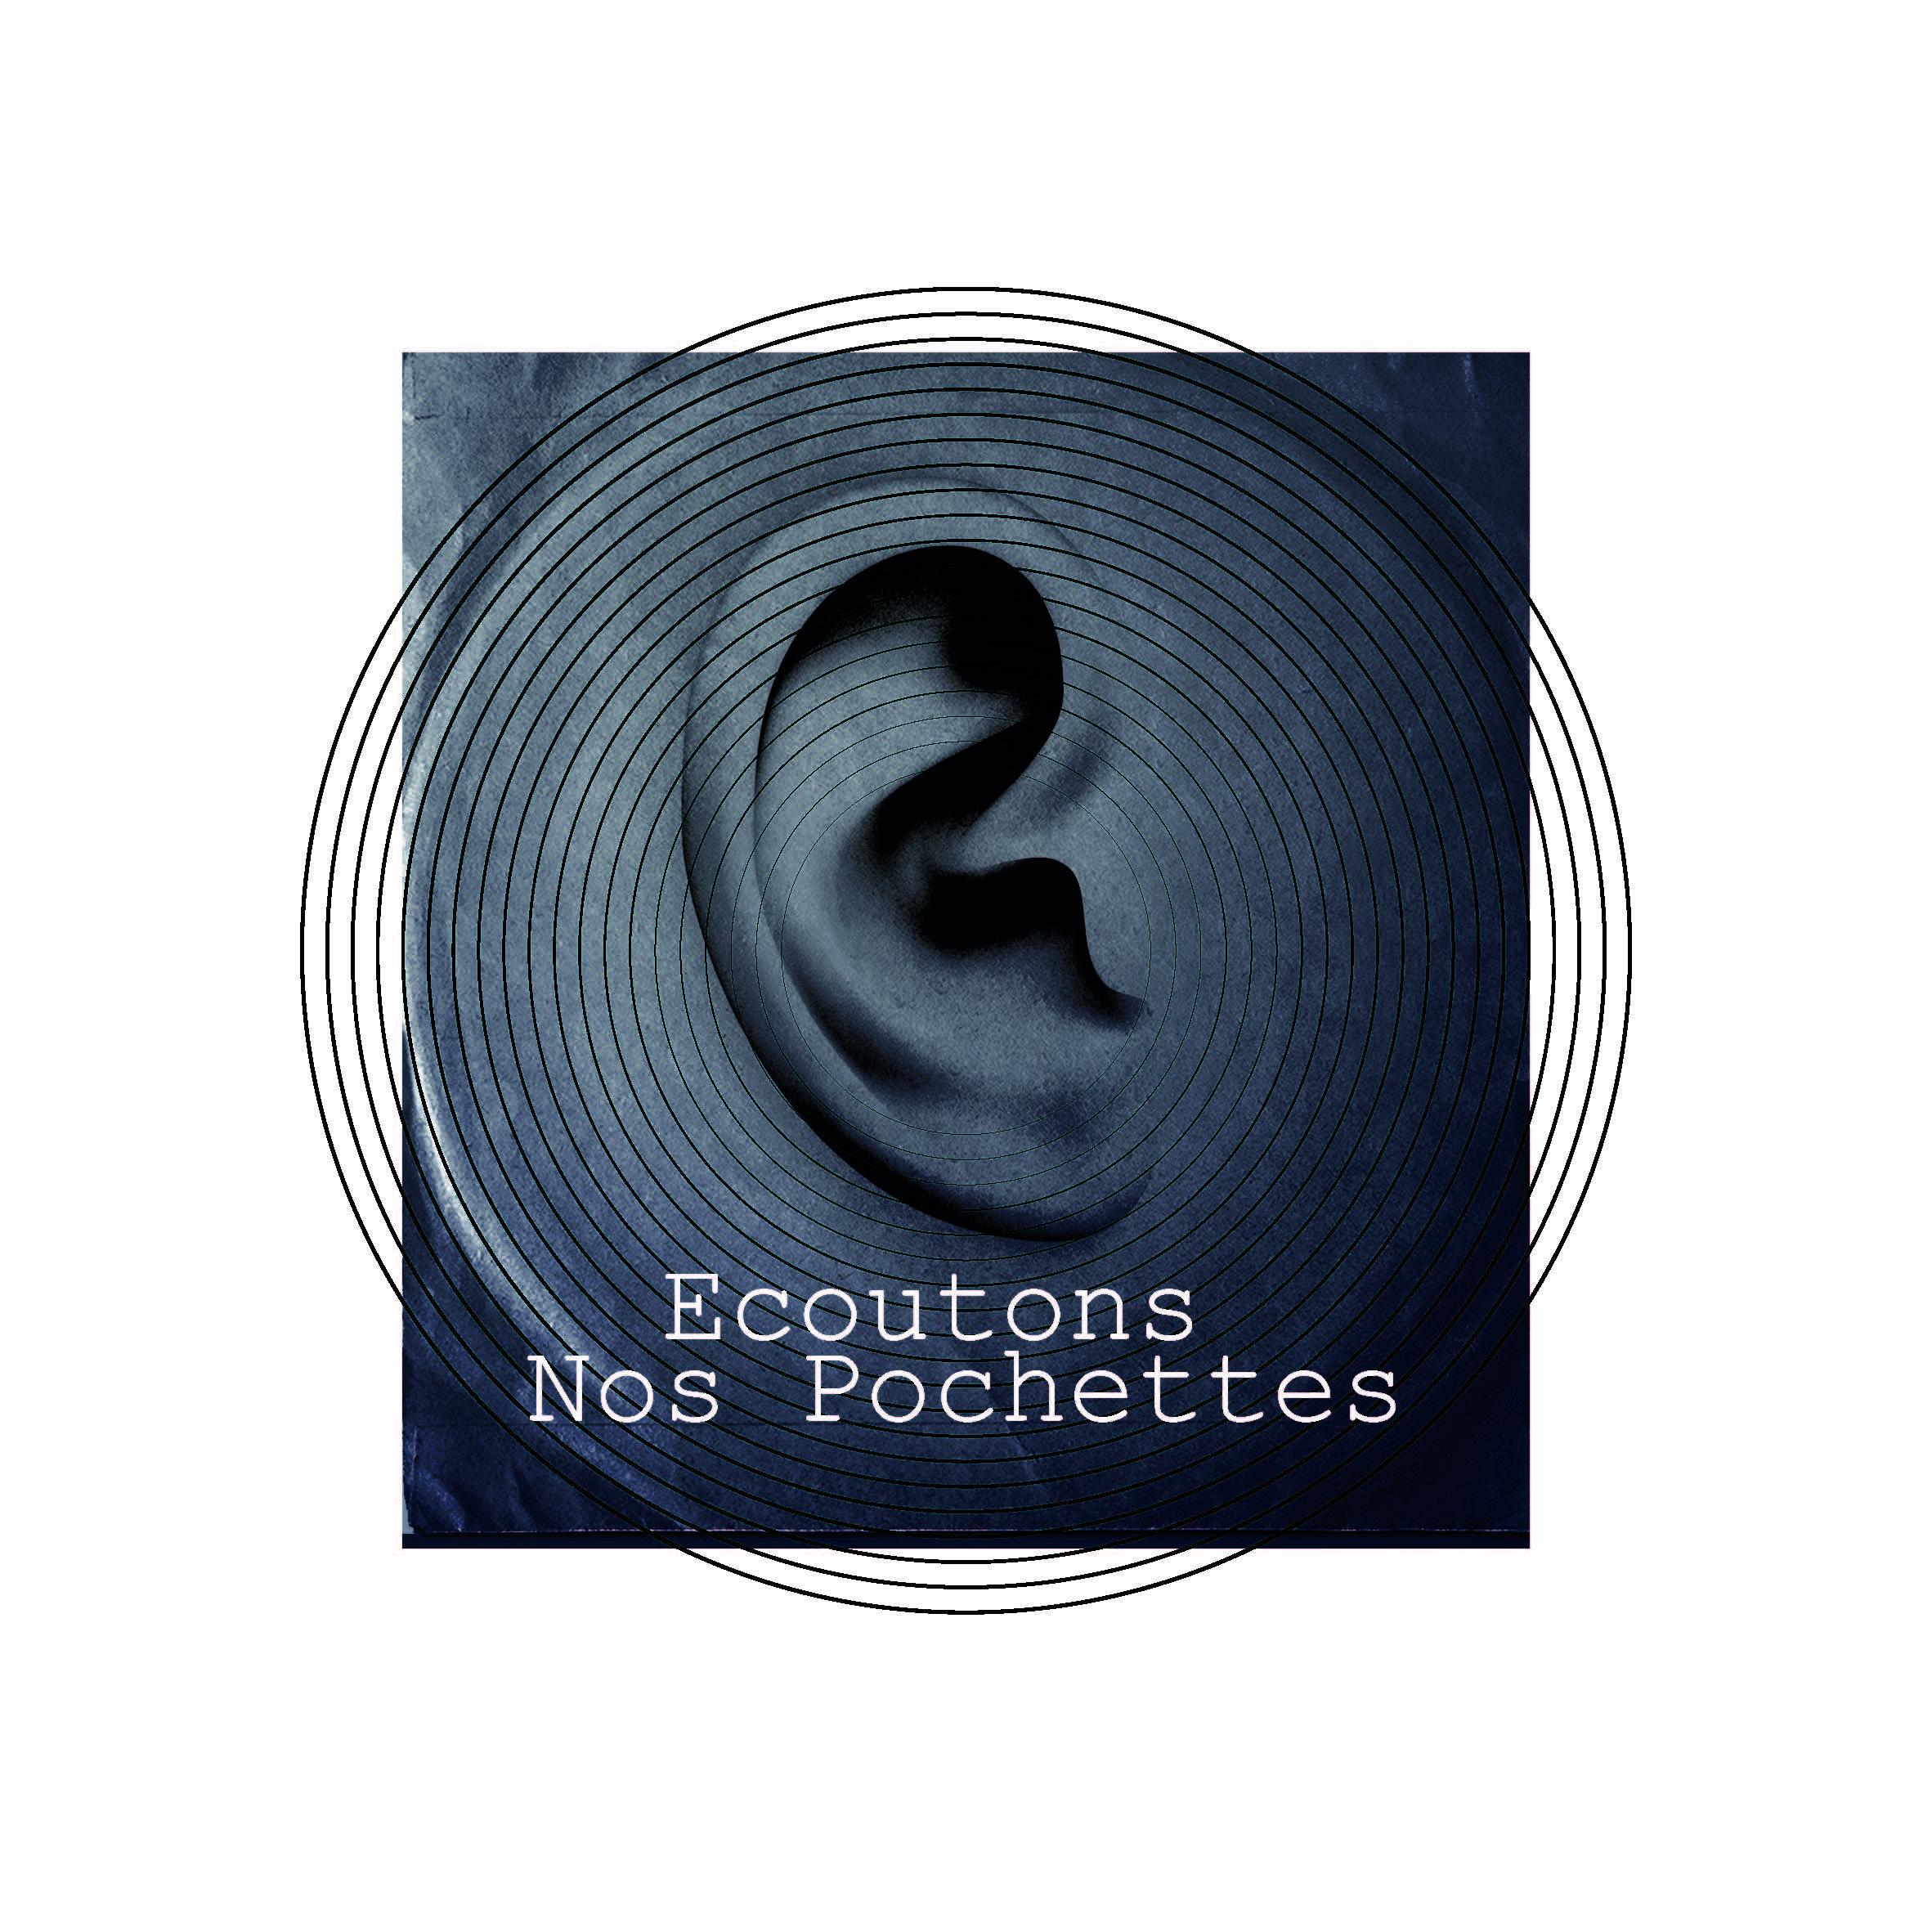 Ecoutons Nos Pochettes : Appel à textes ! Écrire à partir de pochette